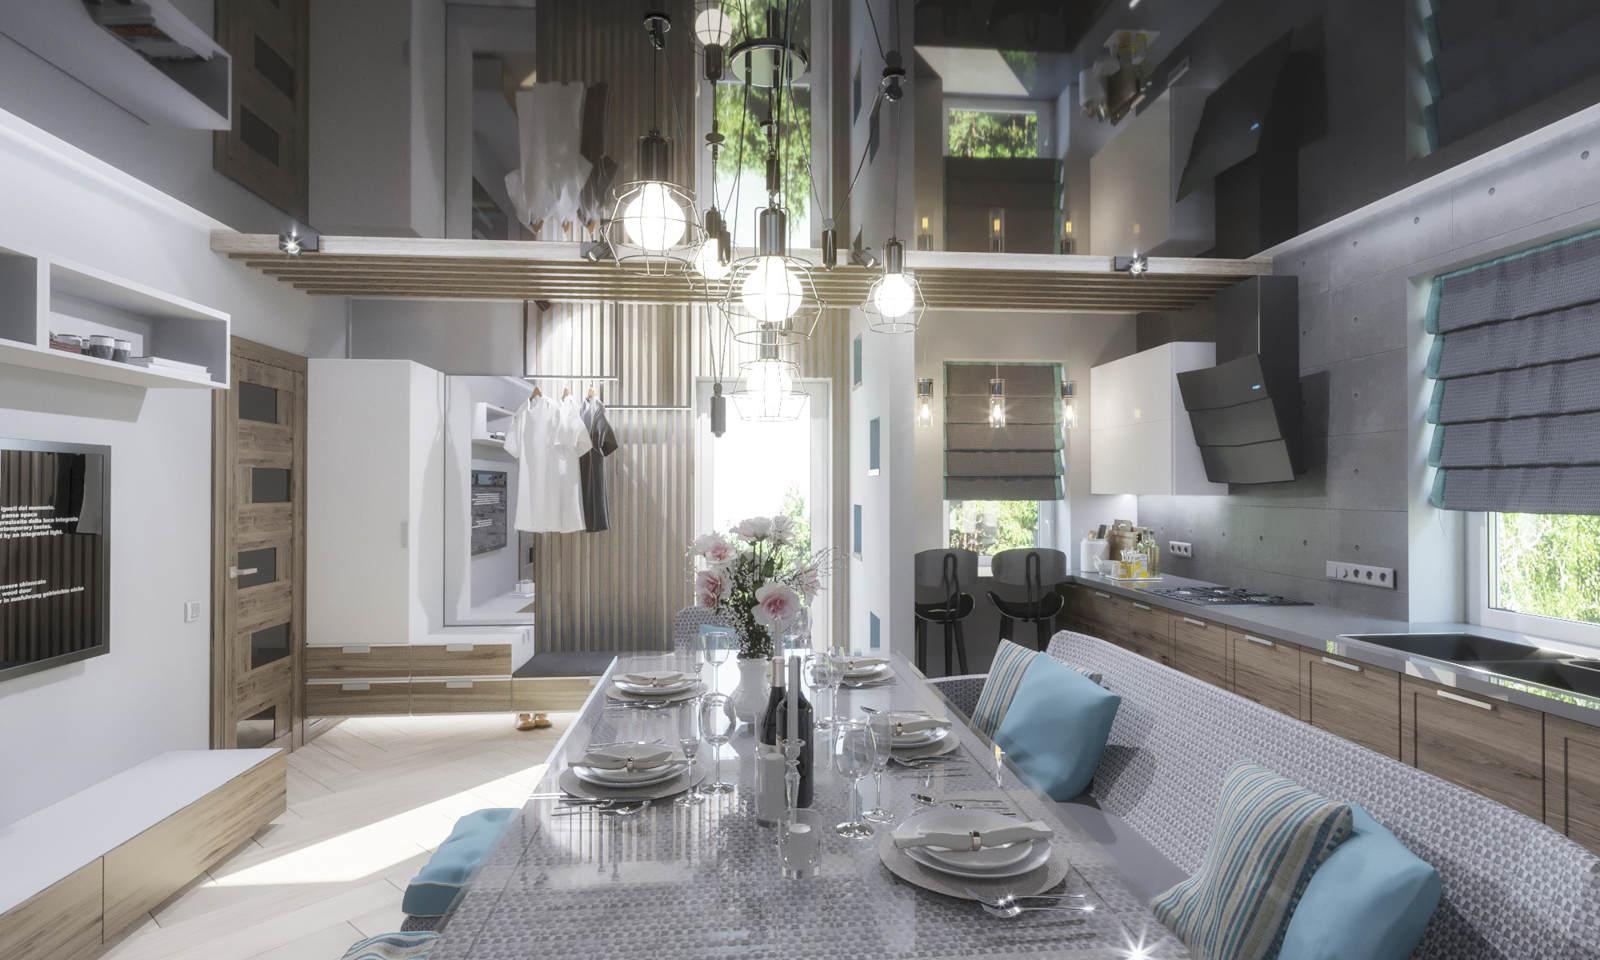 Дизайн гостинной комнаты в частном доме фото- Киев. Частный дом Киев